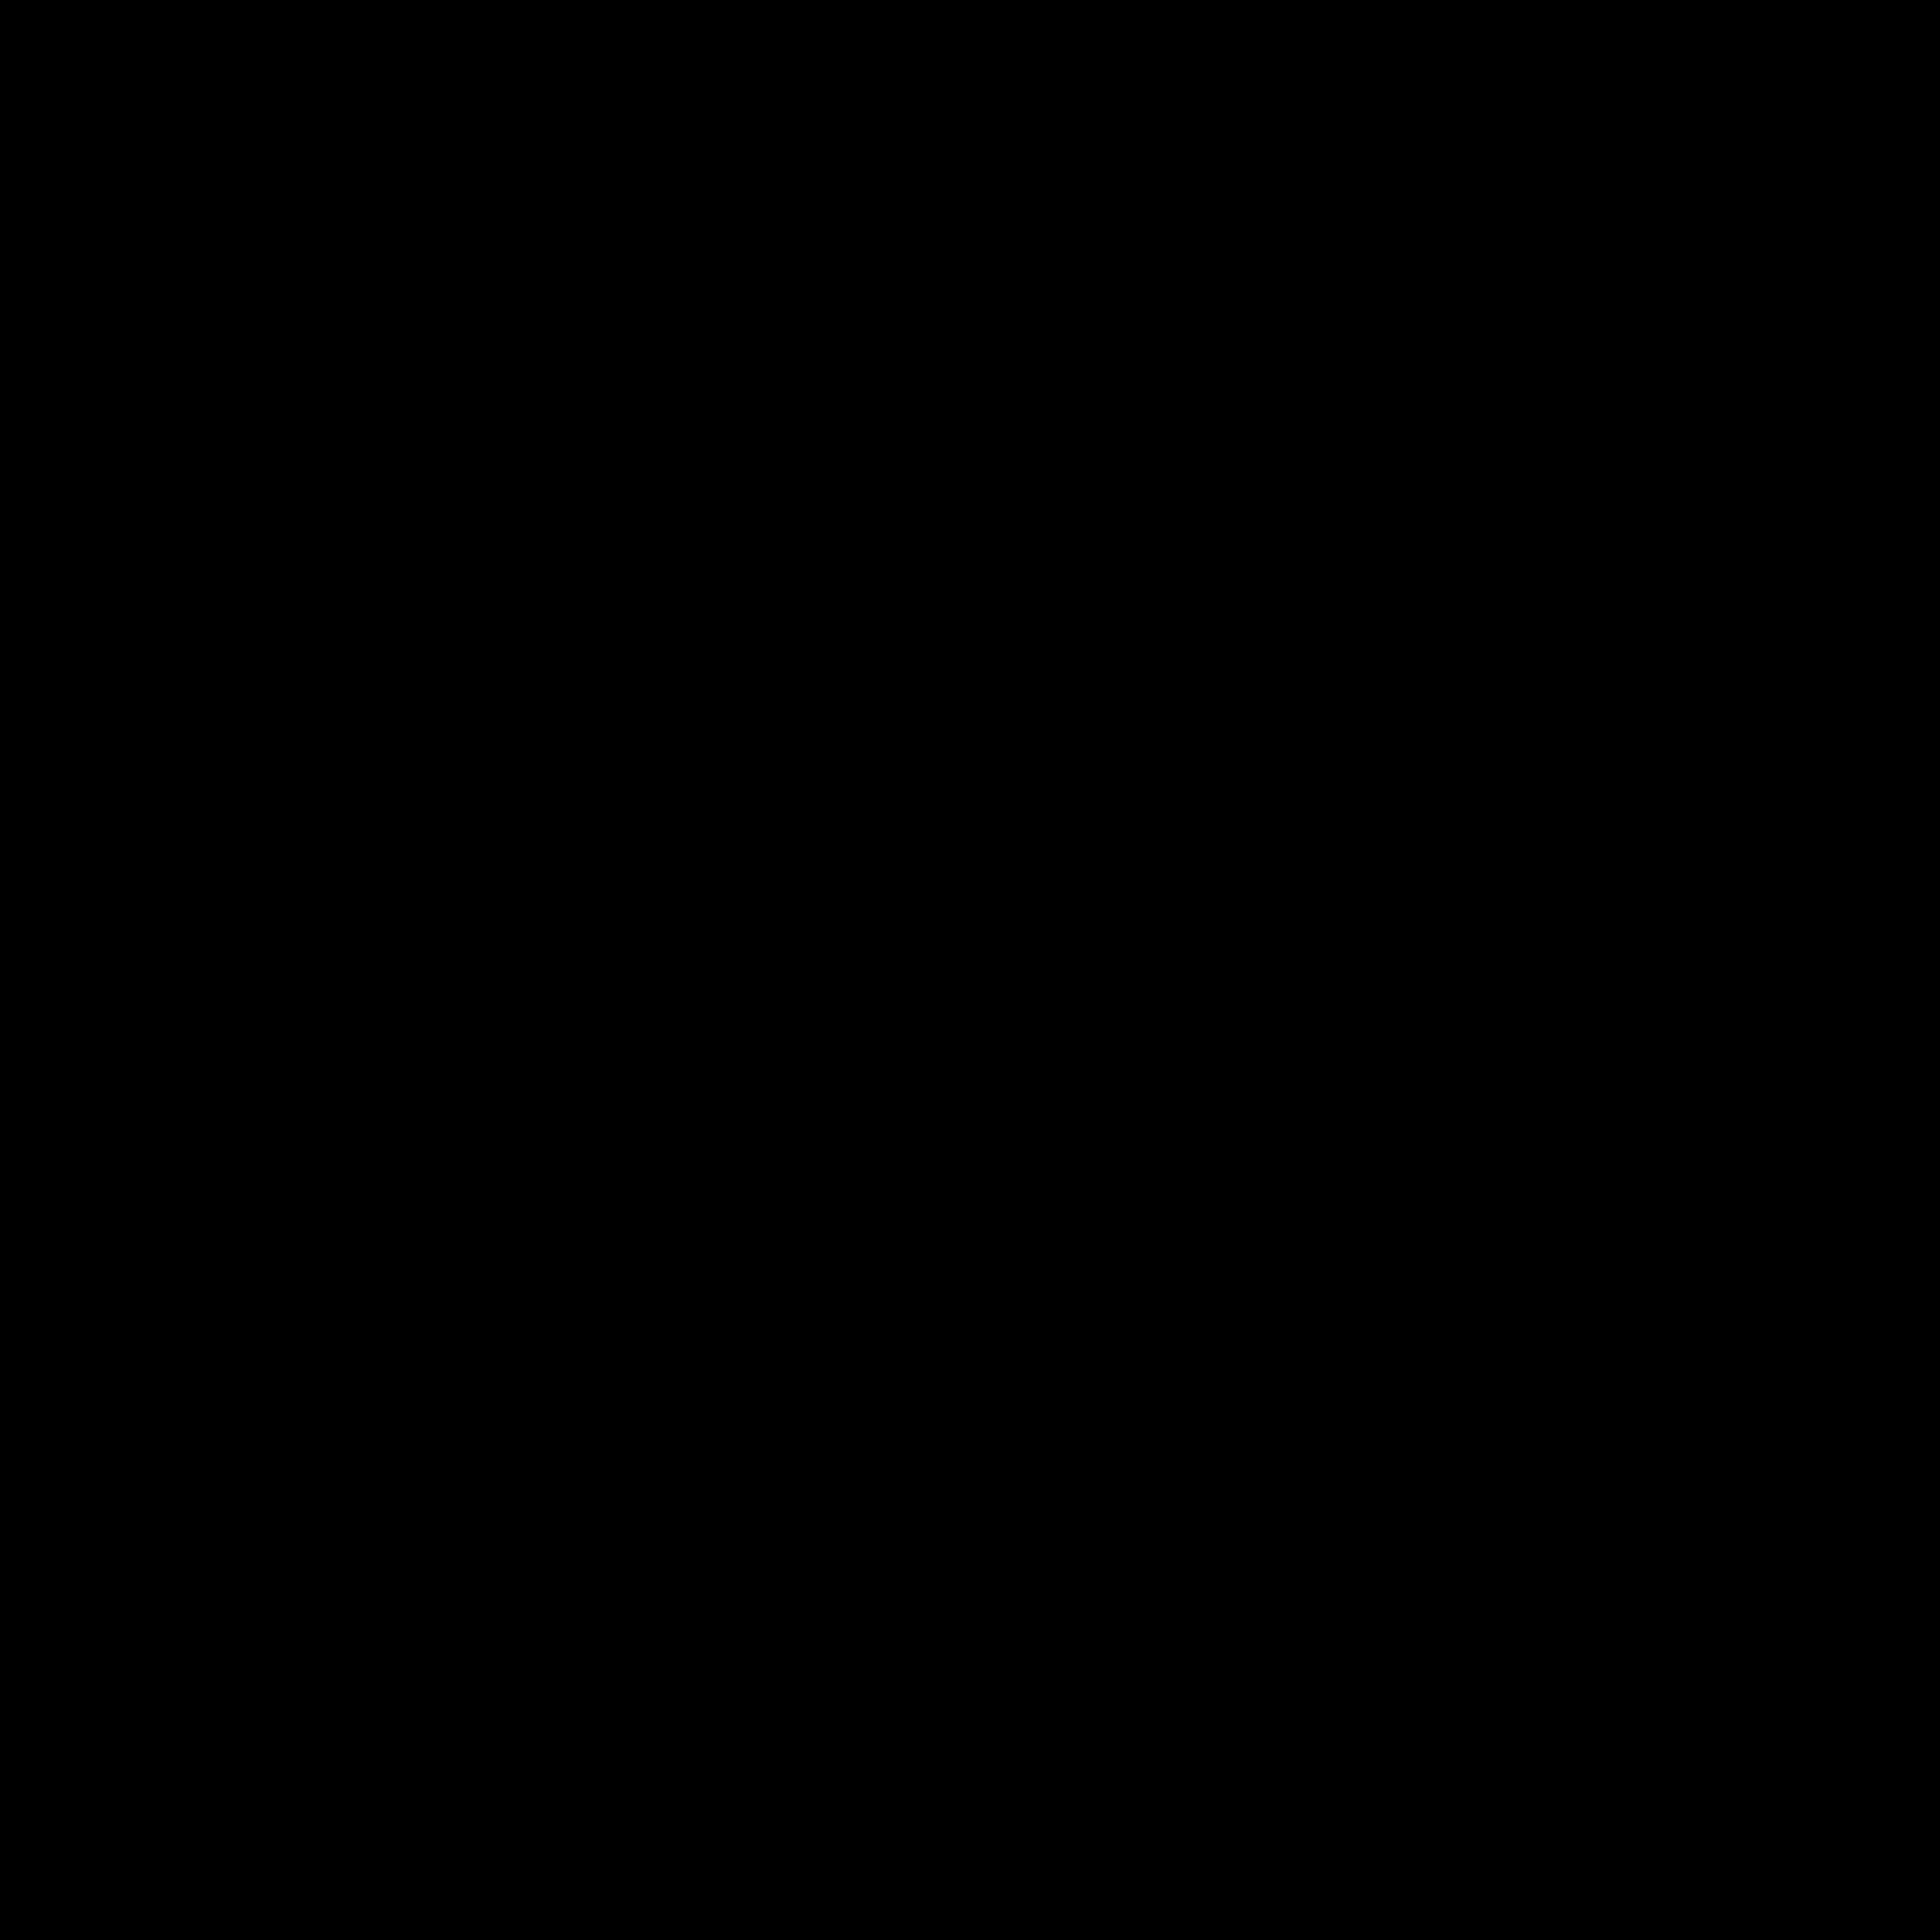 nemo_studio_bw